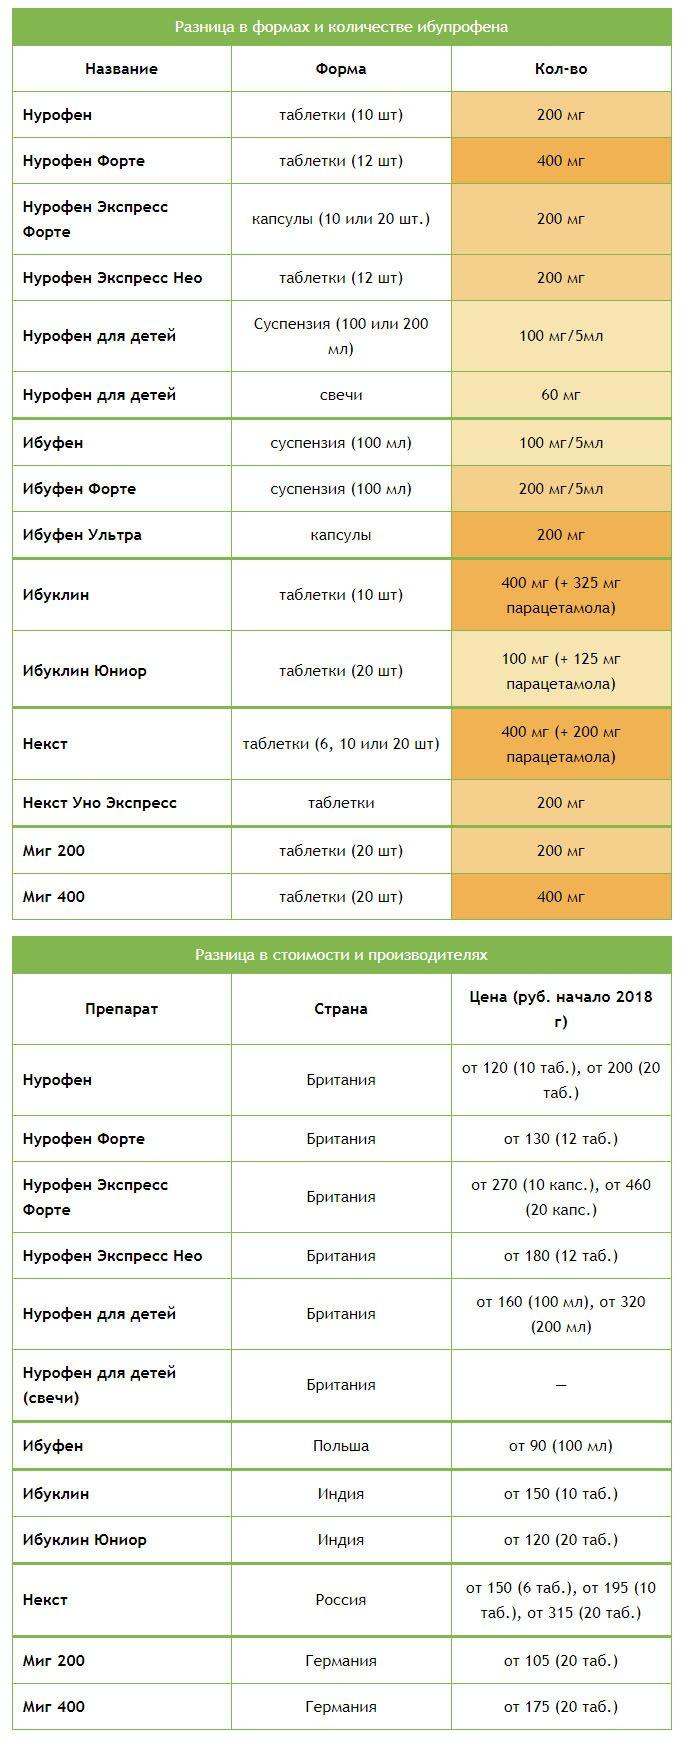 Разница в форме и количестве Ибупрофена в лекарствах